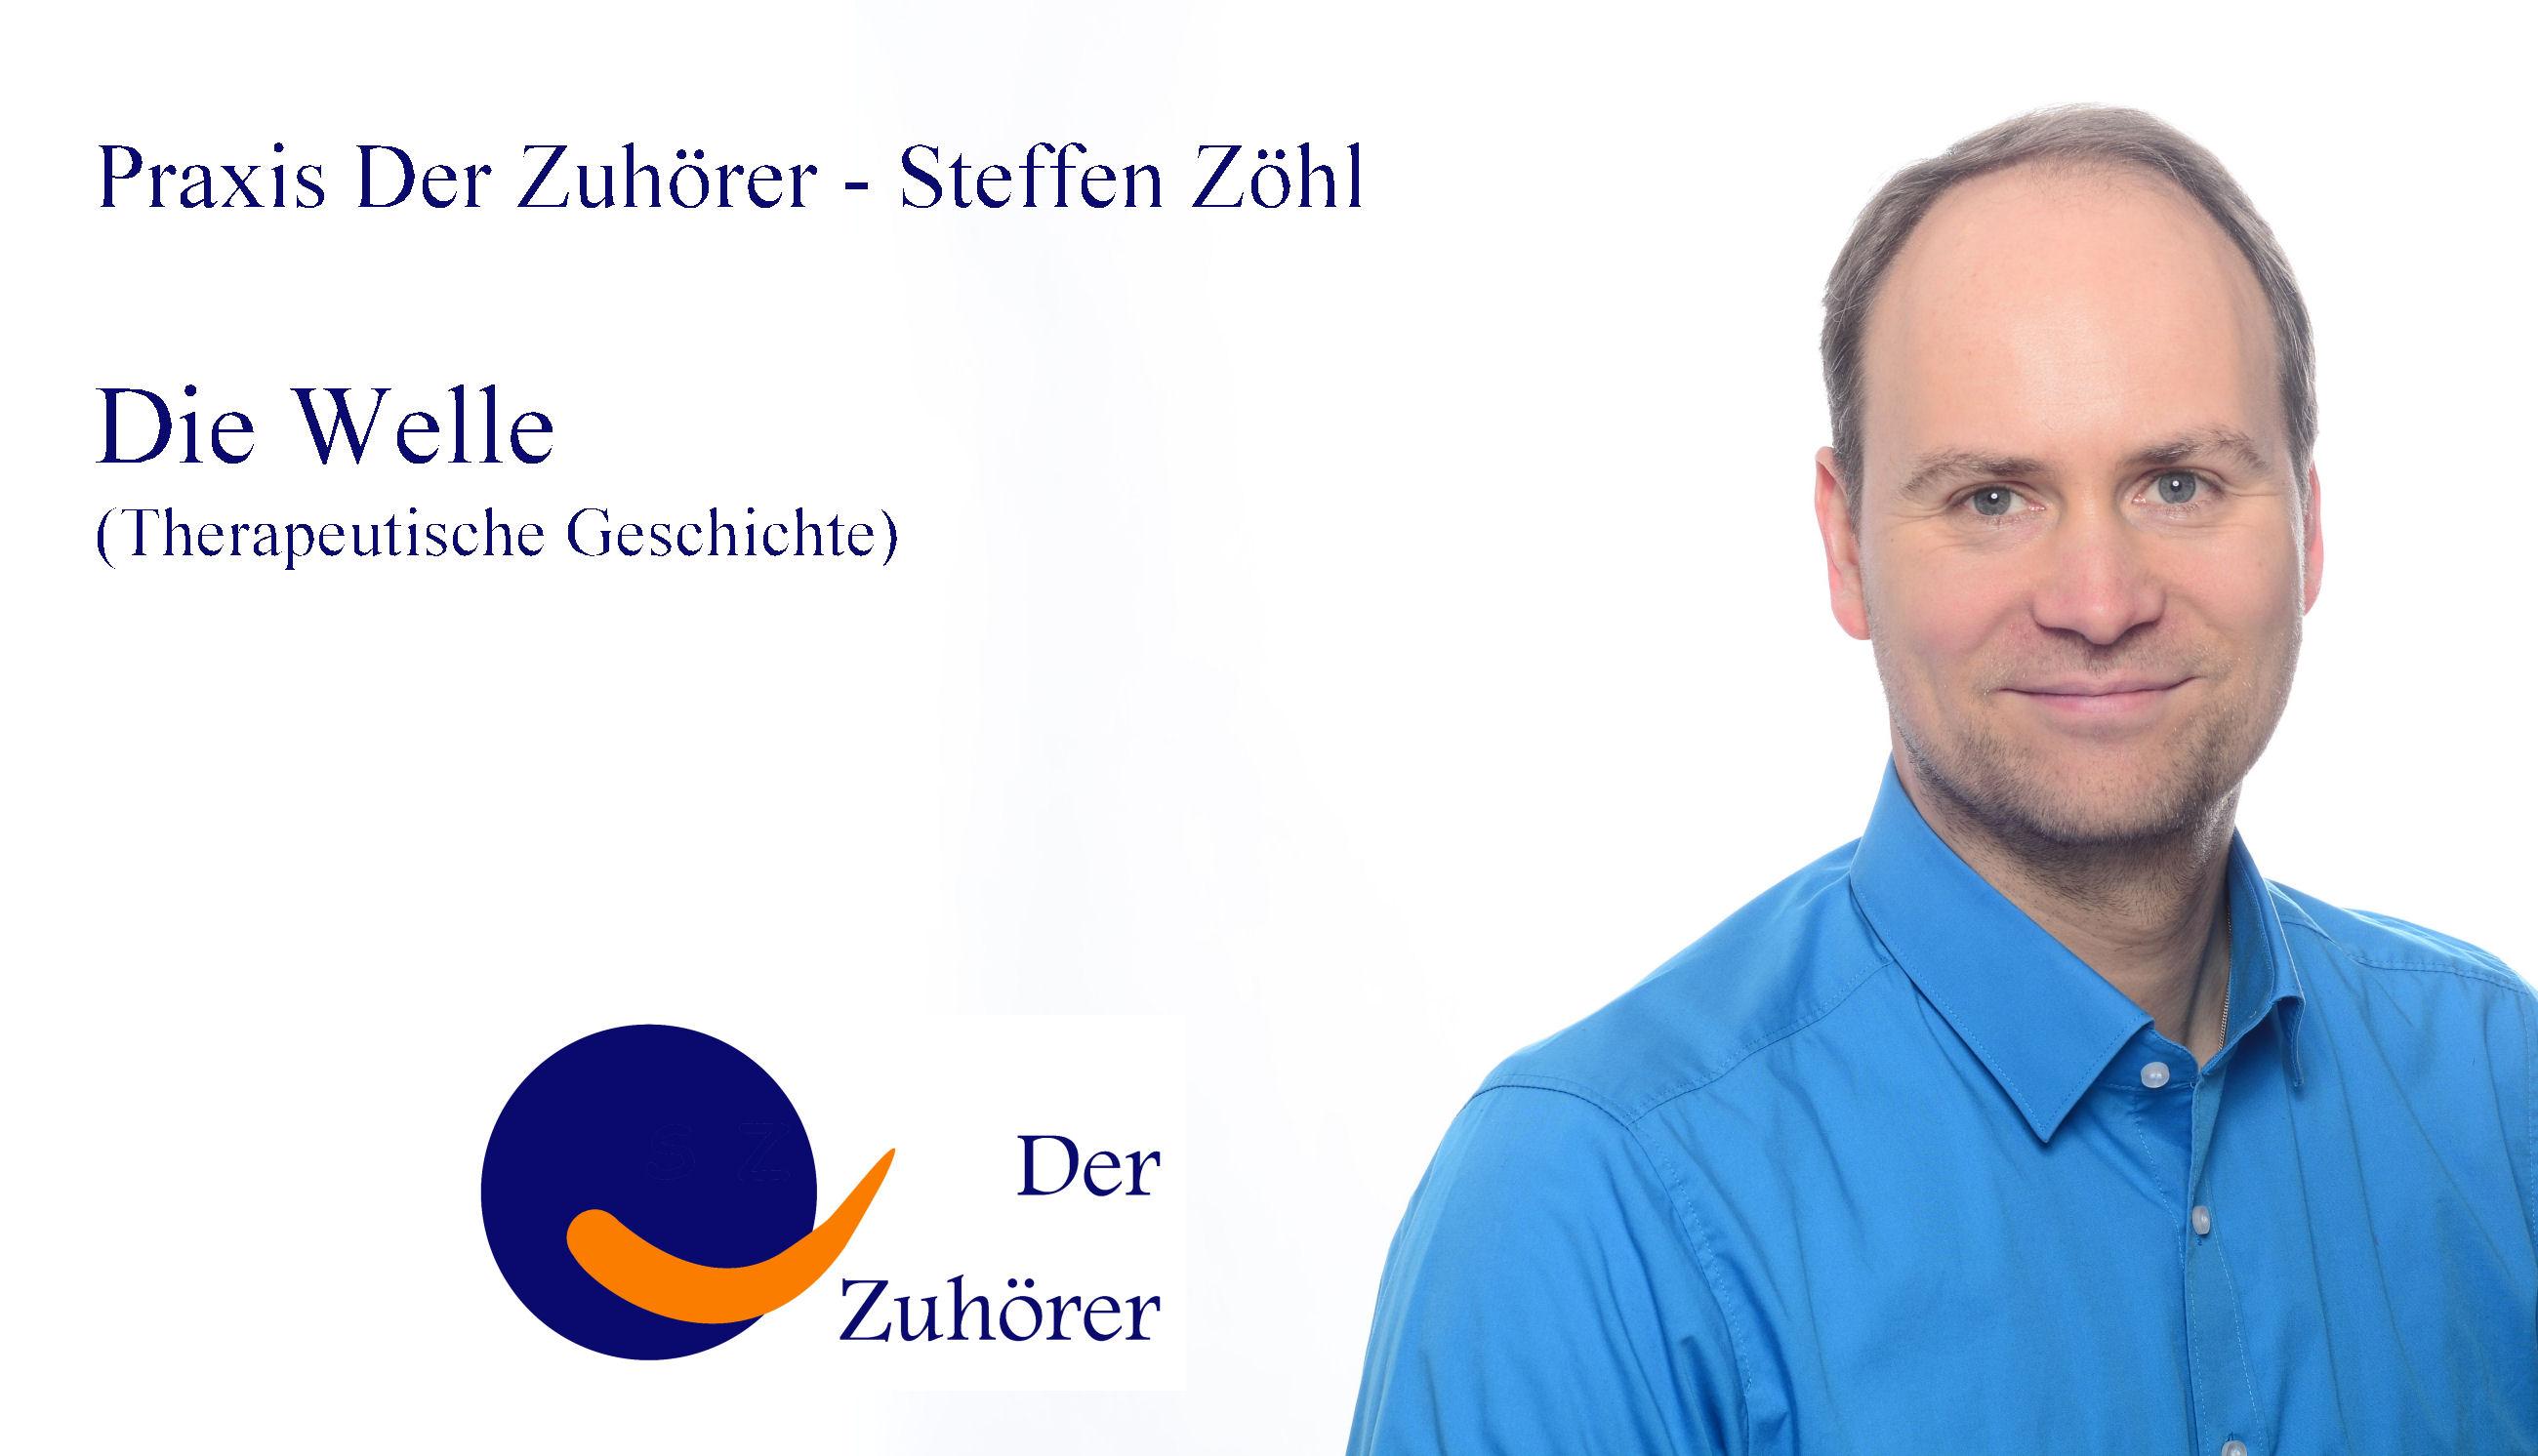 Die Welle SinnSationsGeschichten © Praxis Der Zuhörer - Steffen Zöhl, 2017